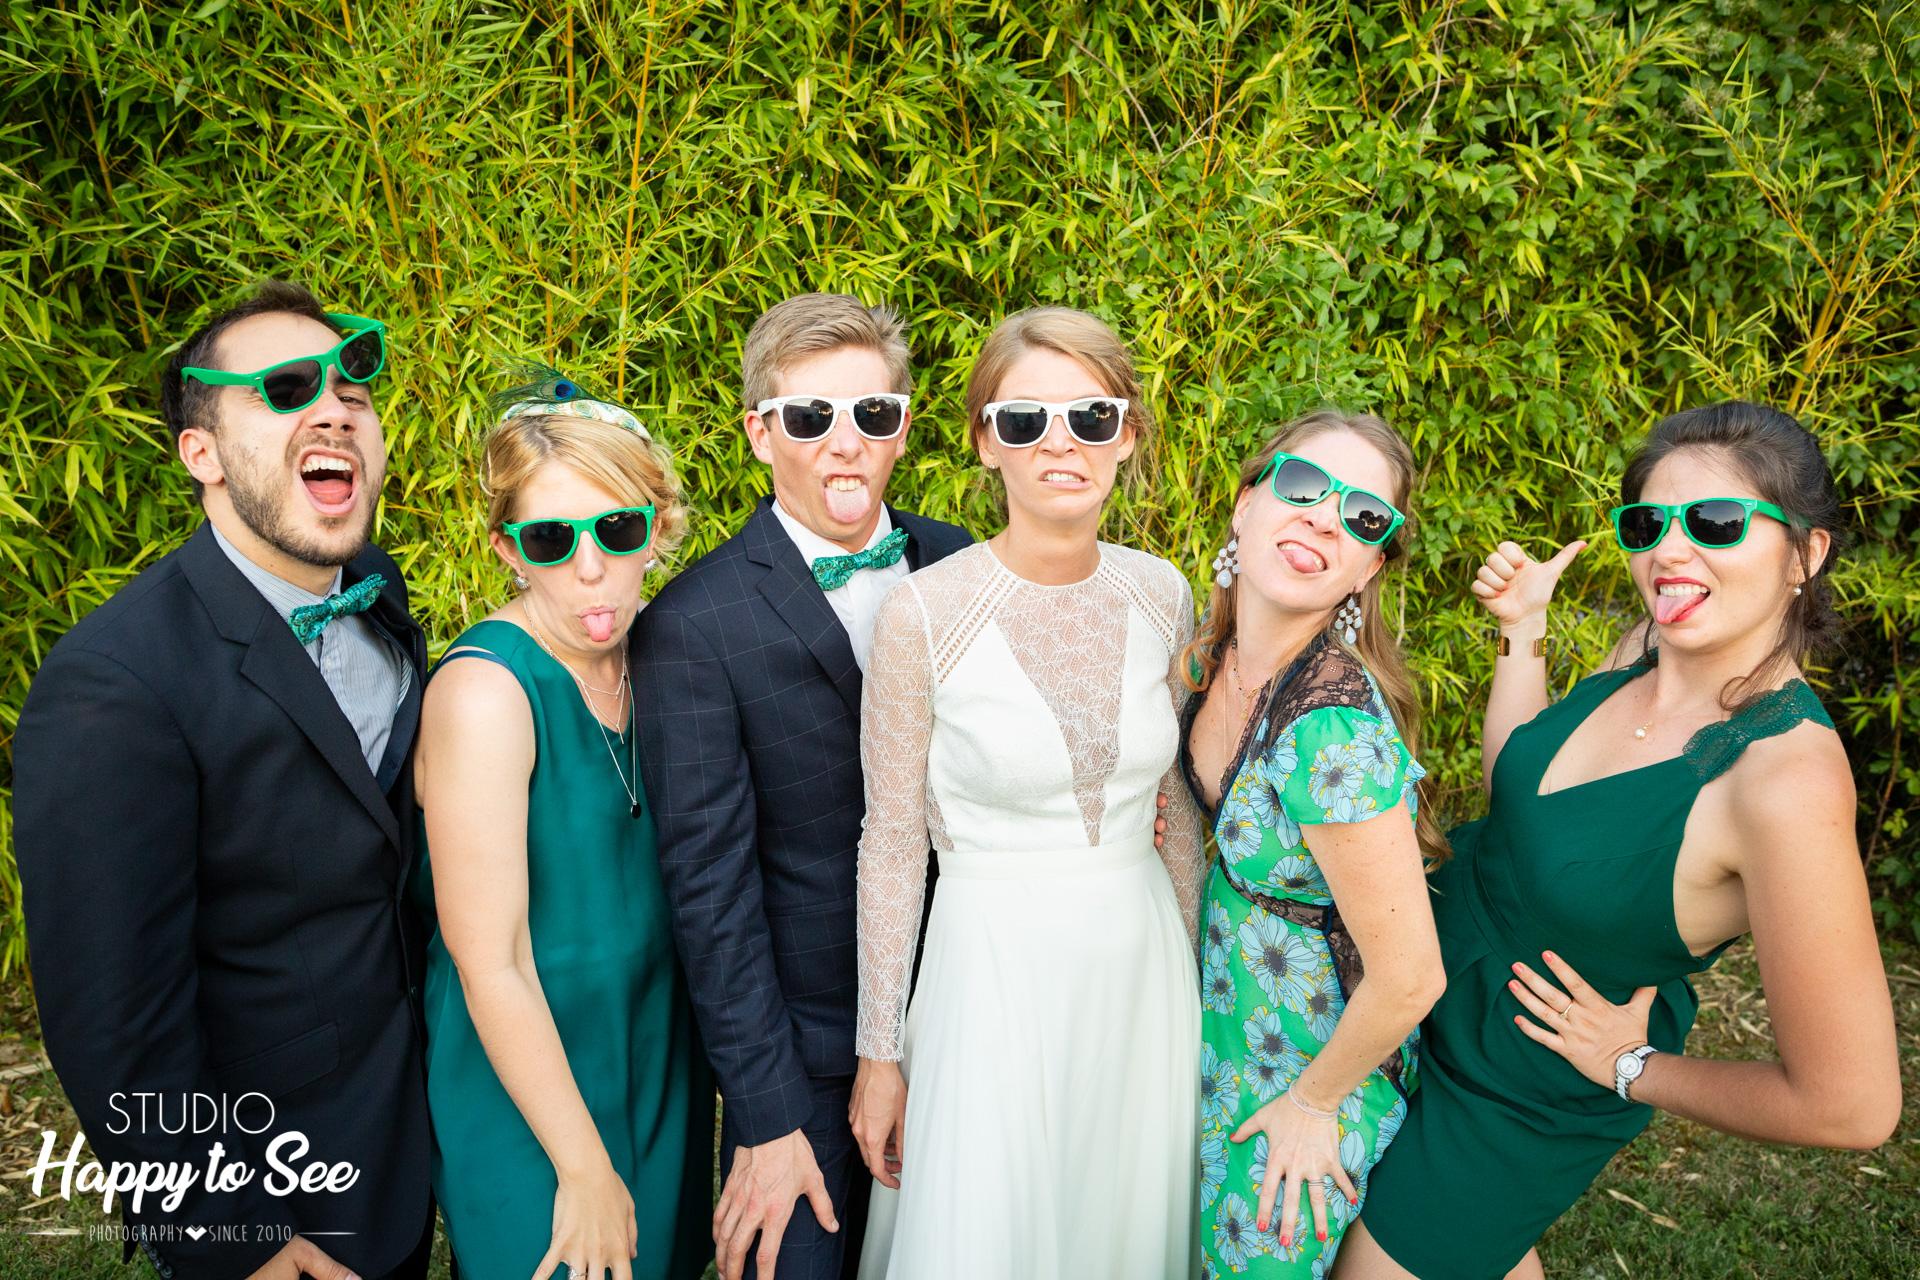 Mariage Domaine de Combe Ramond Dress code vert temoins